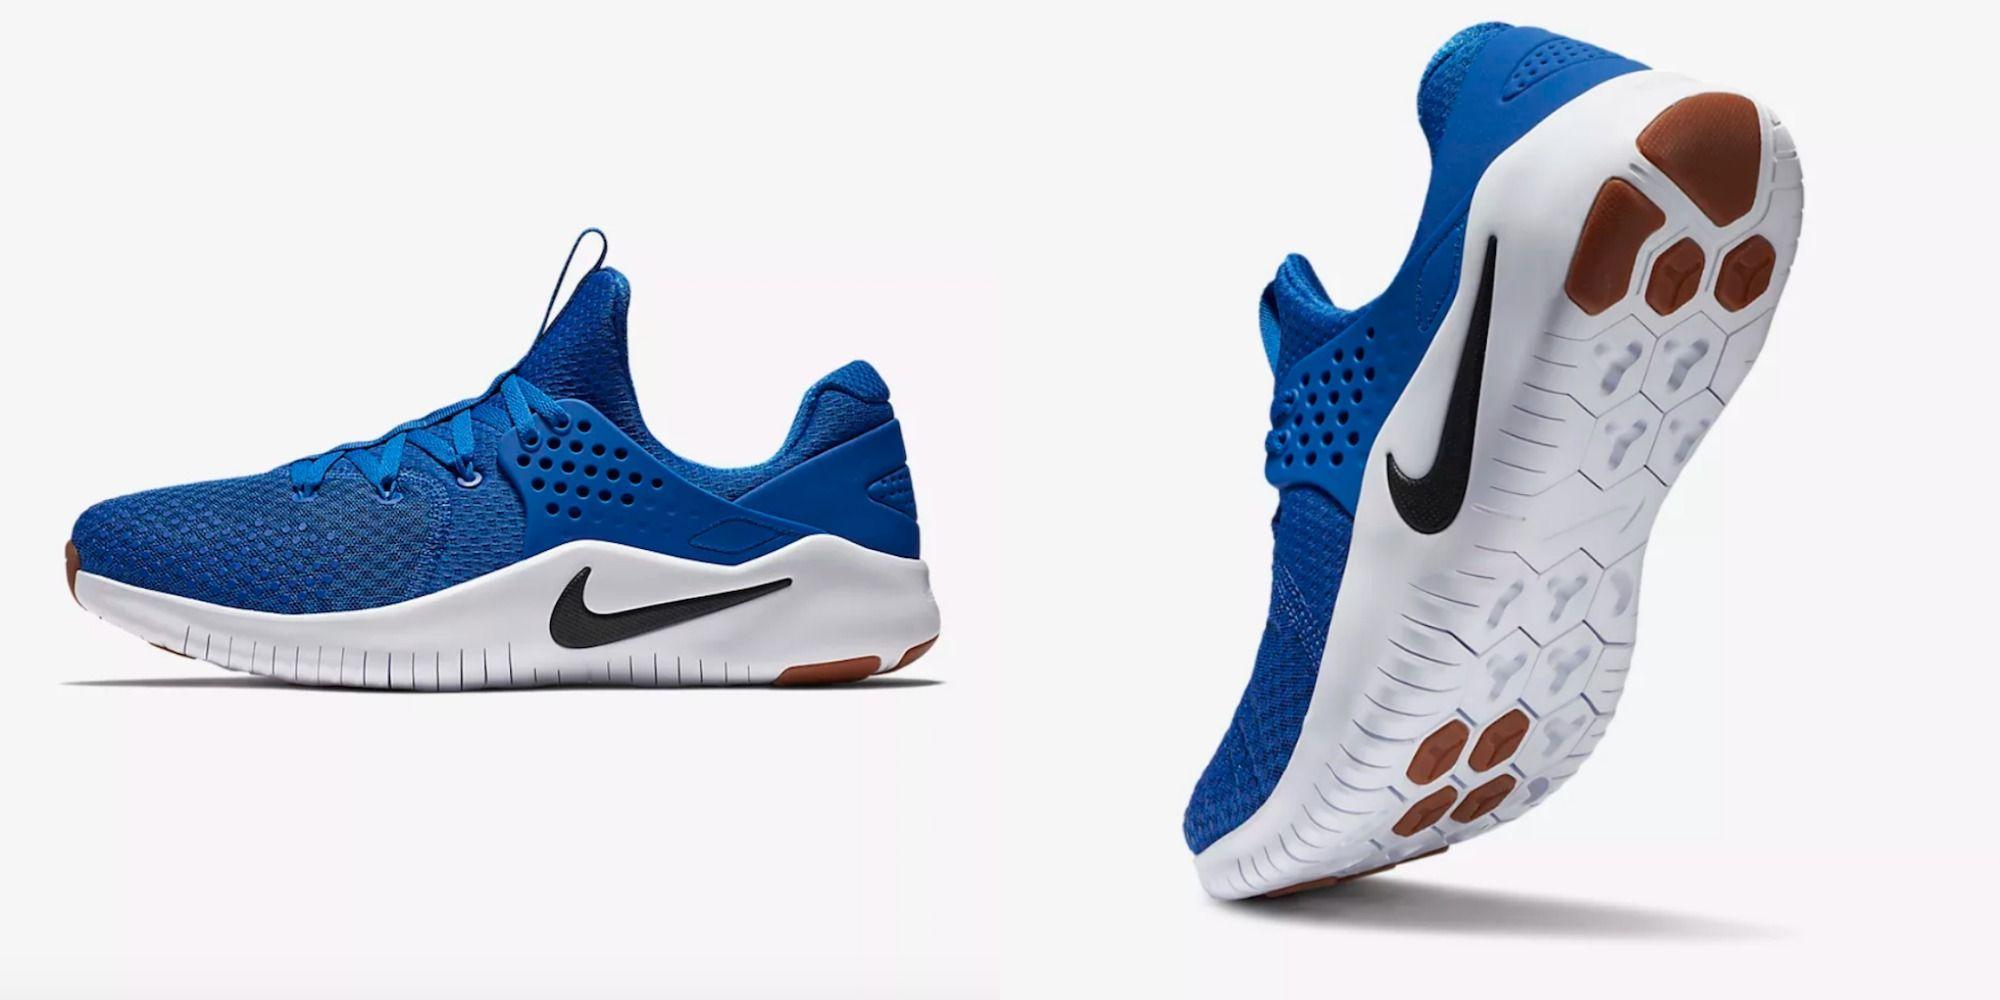 84b759cd519 Where To Buy Nike Free Inneva Woven